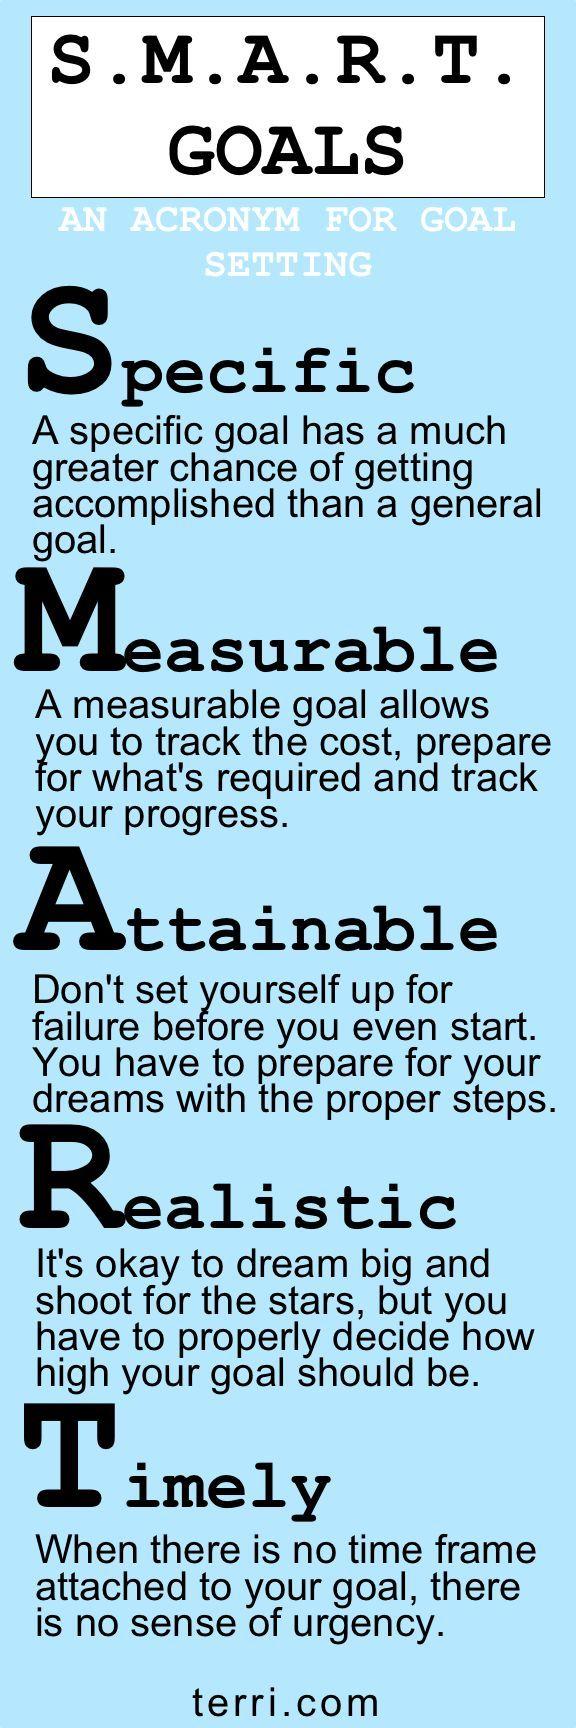 S M A R T Goals Sales Motivation Motivational Quotes For